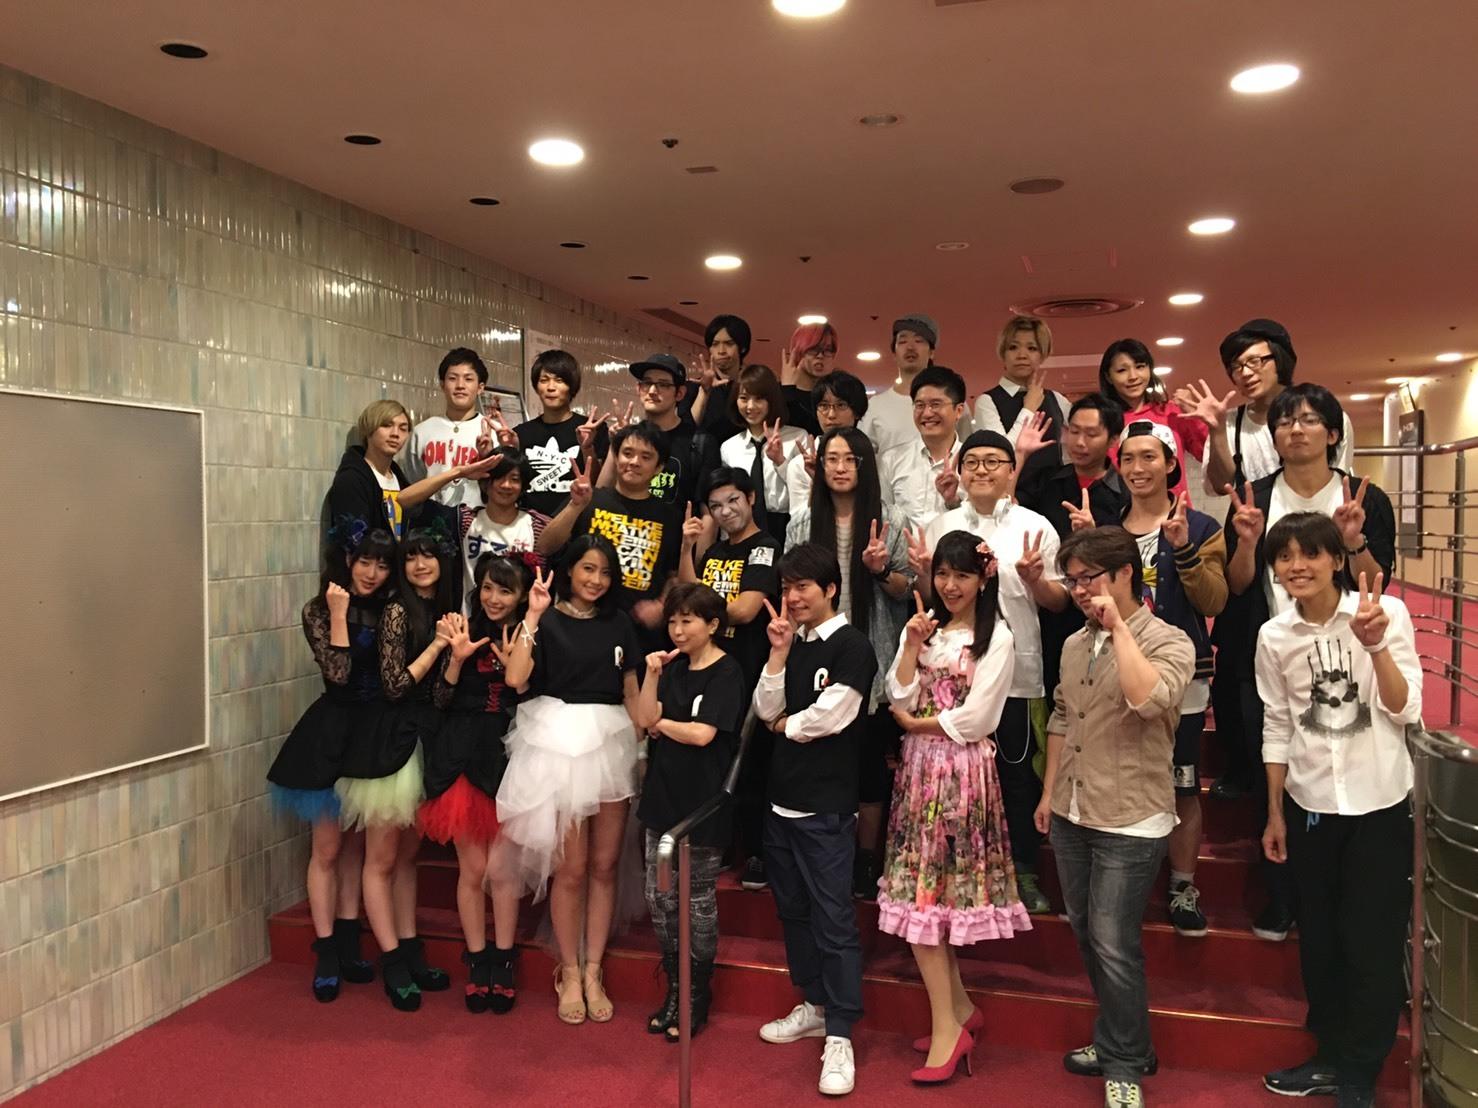 ポニーキャニオン50周年イベント_a0163623_23564462.jpg